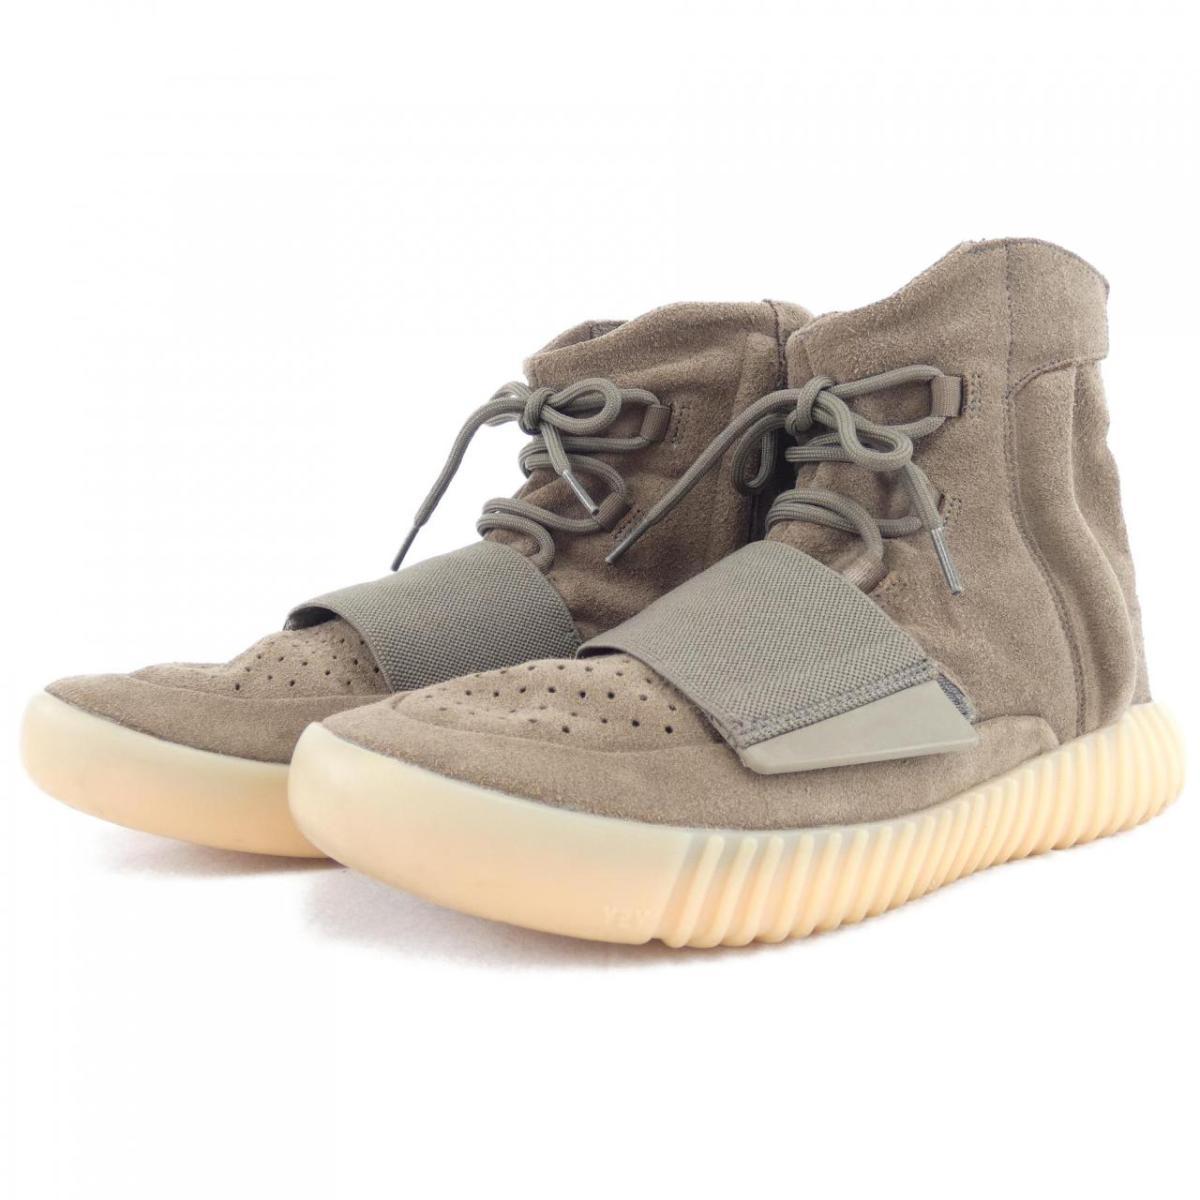 Adidas adidas Yeezy BOOST 750 easy boost BB1840 men 28.5cm 191011430 (footwear)